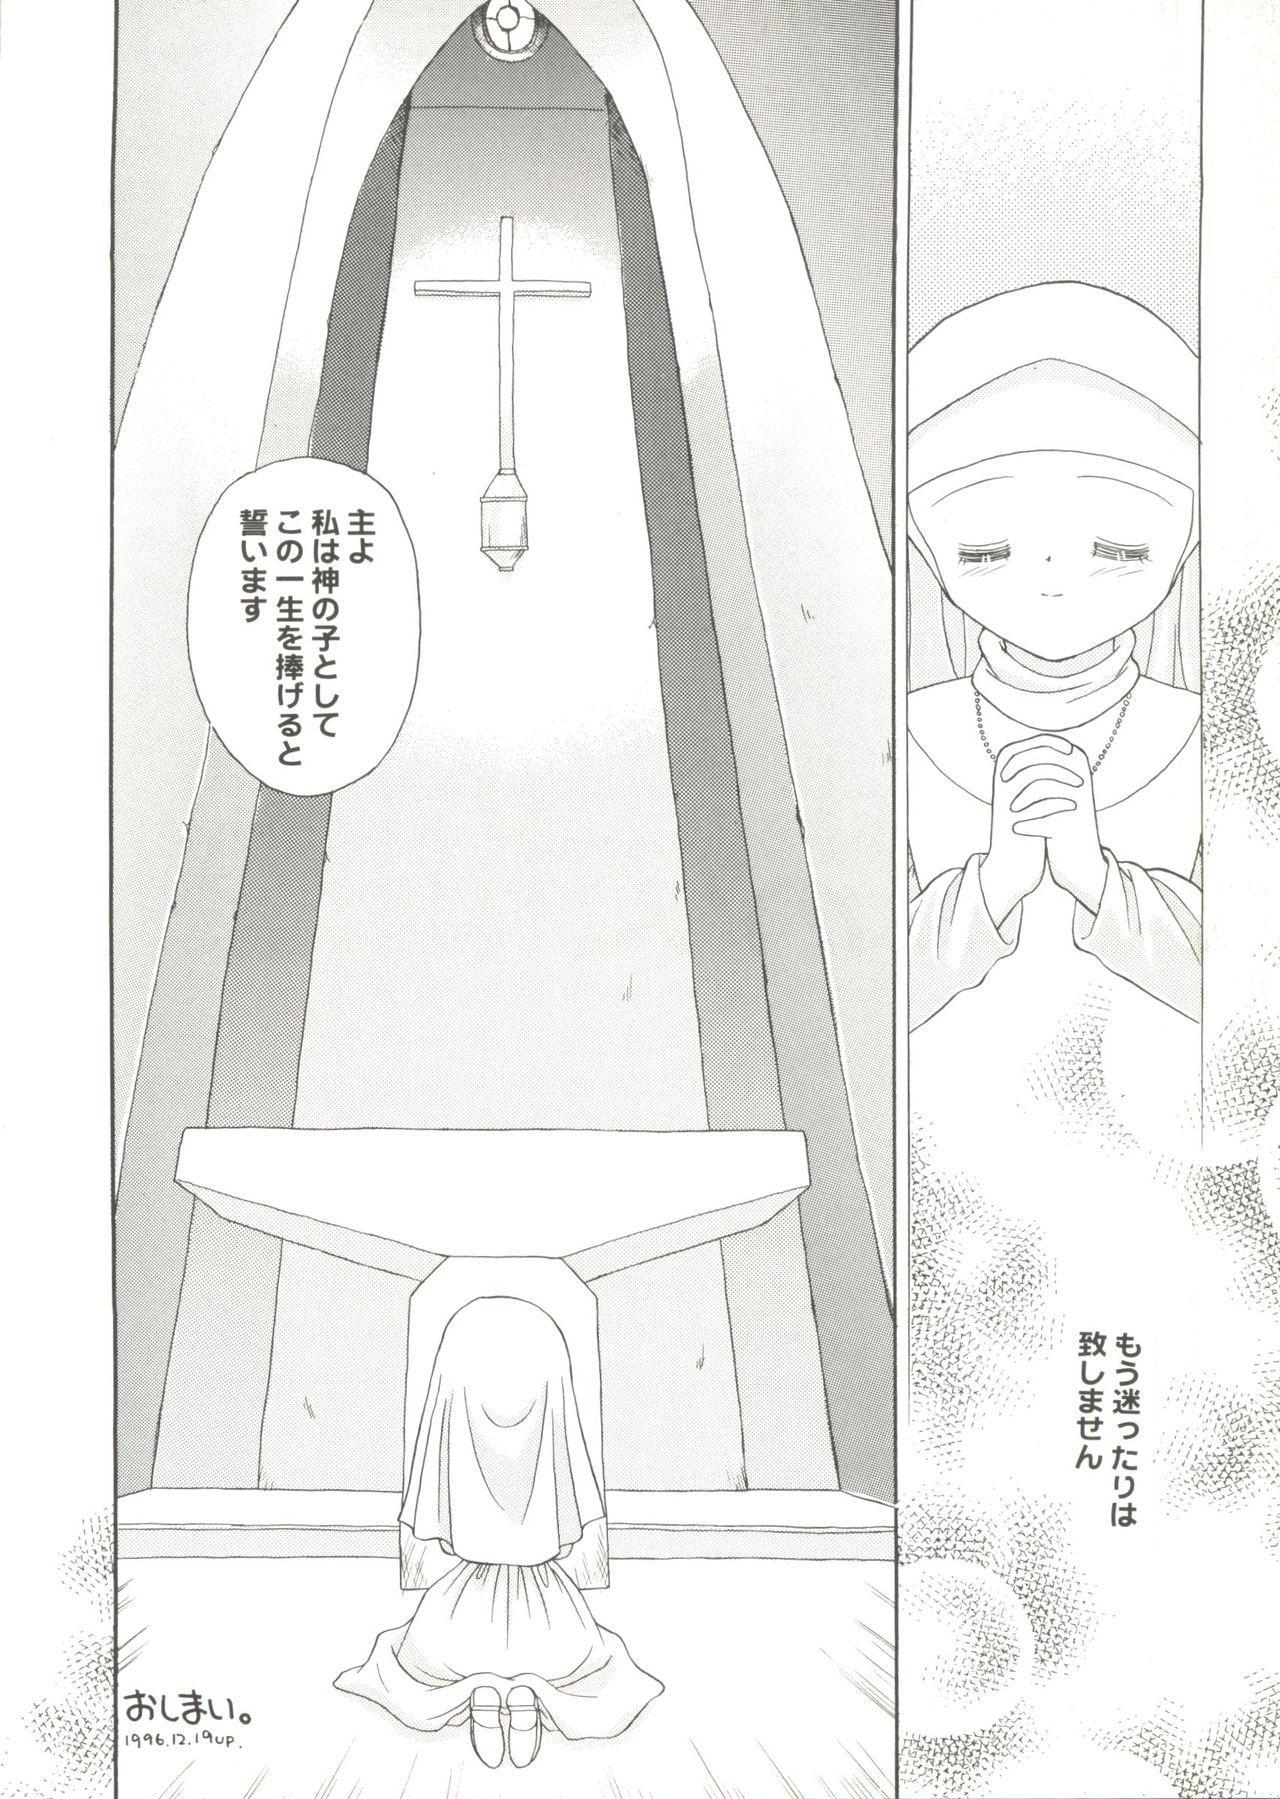 Doujin Anthology Bishoujo a La Carte 1 59